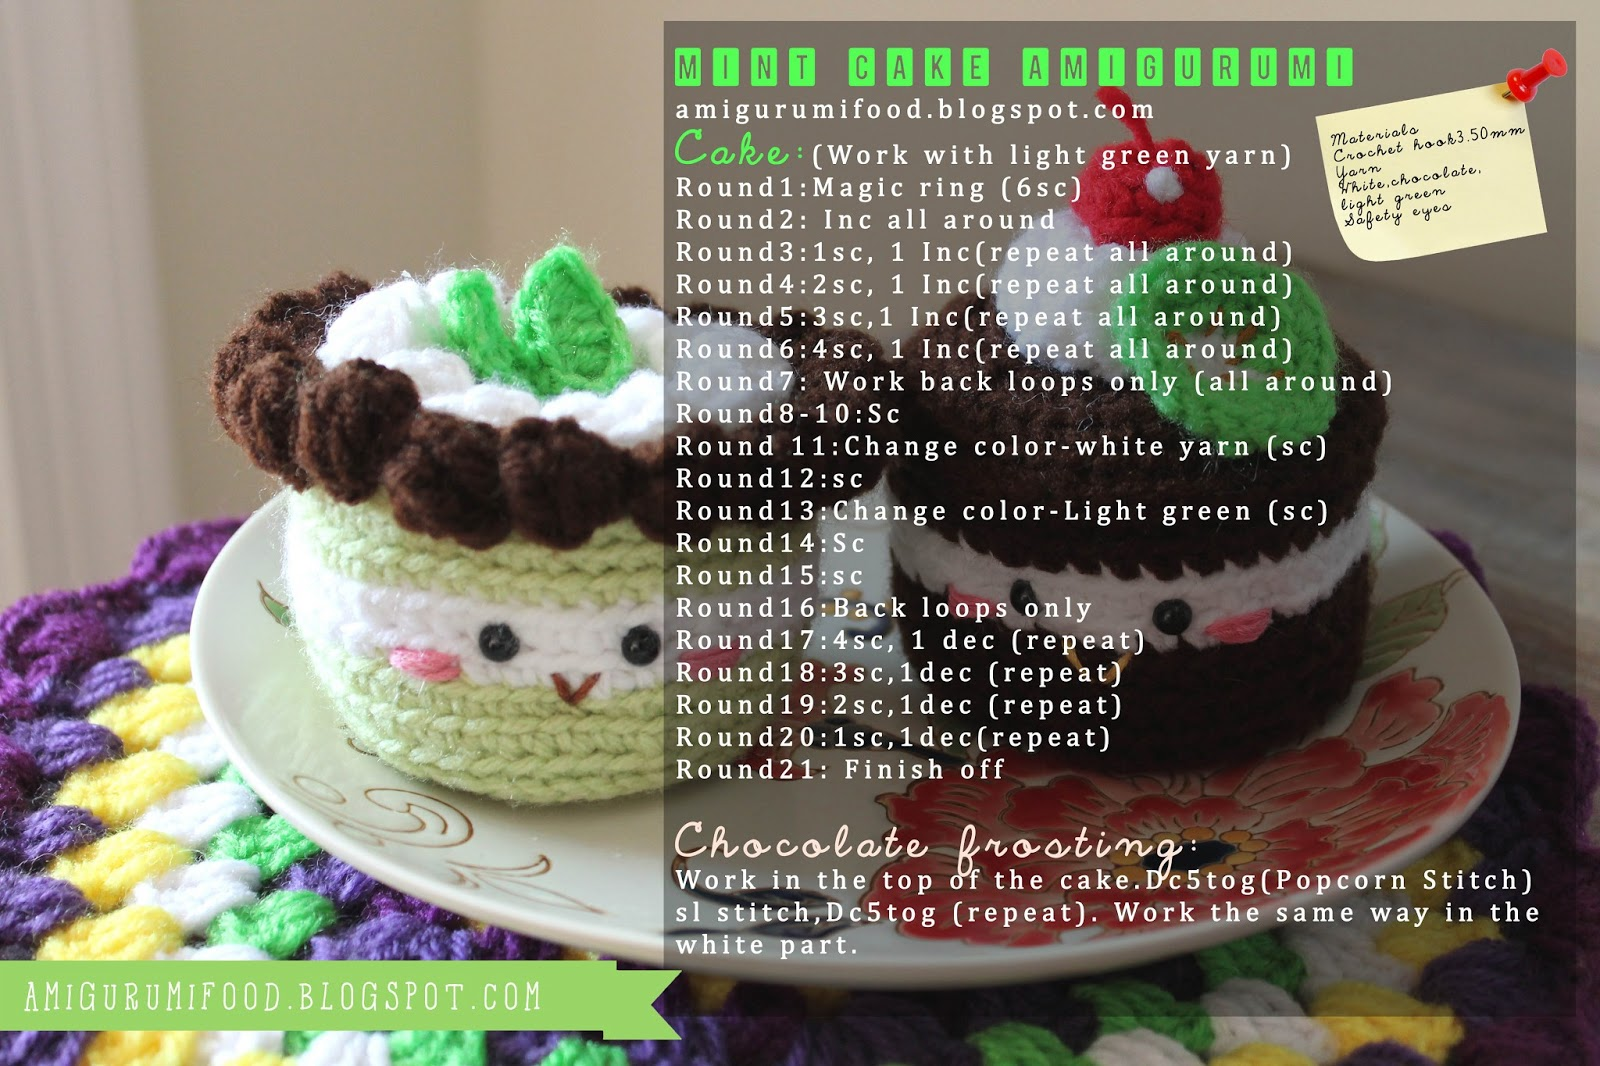 Amigurumi Harry Potter Free Pattern : Amigurumi Food: Mint cake Amigurumi {Free Pattern}